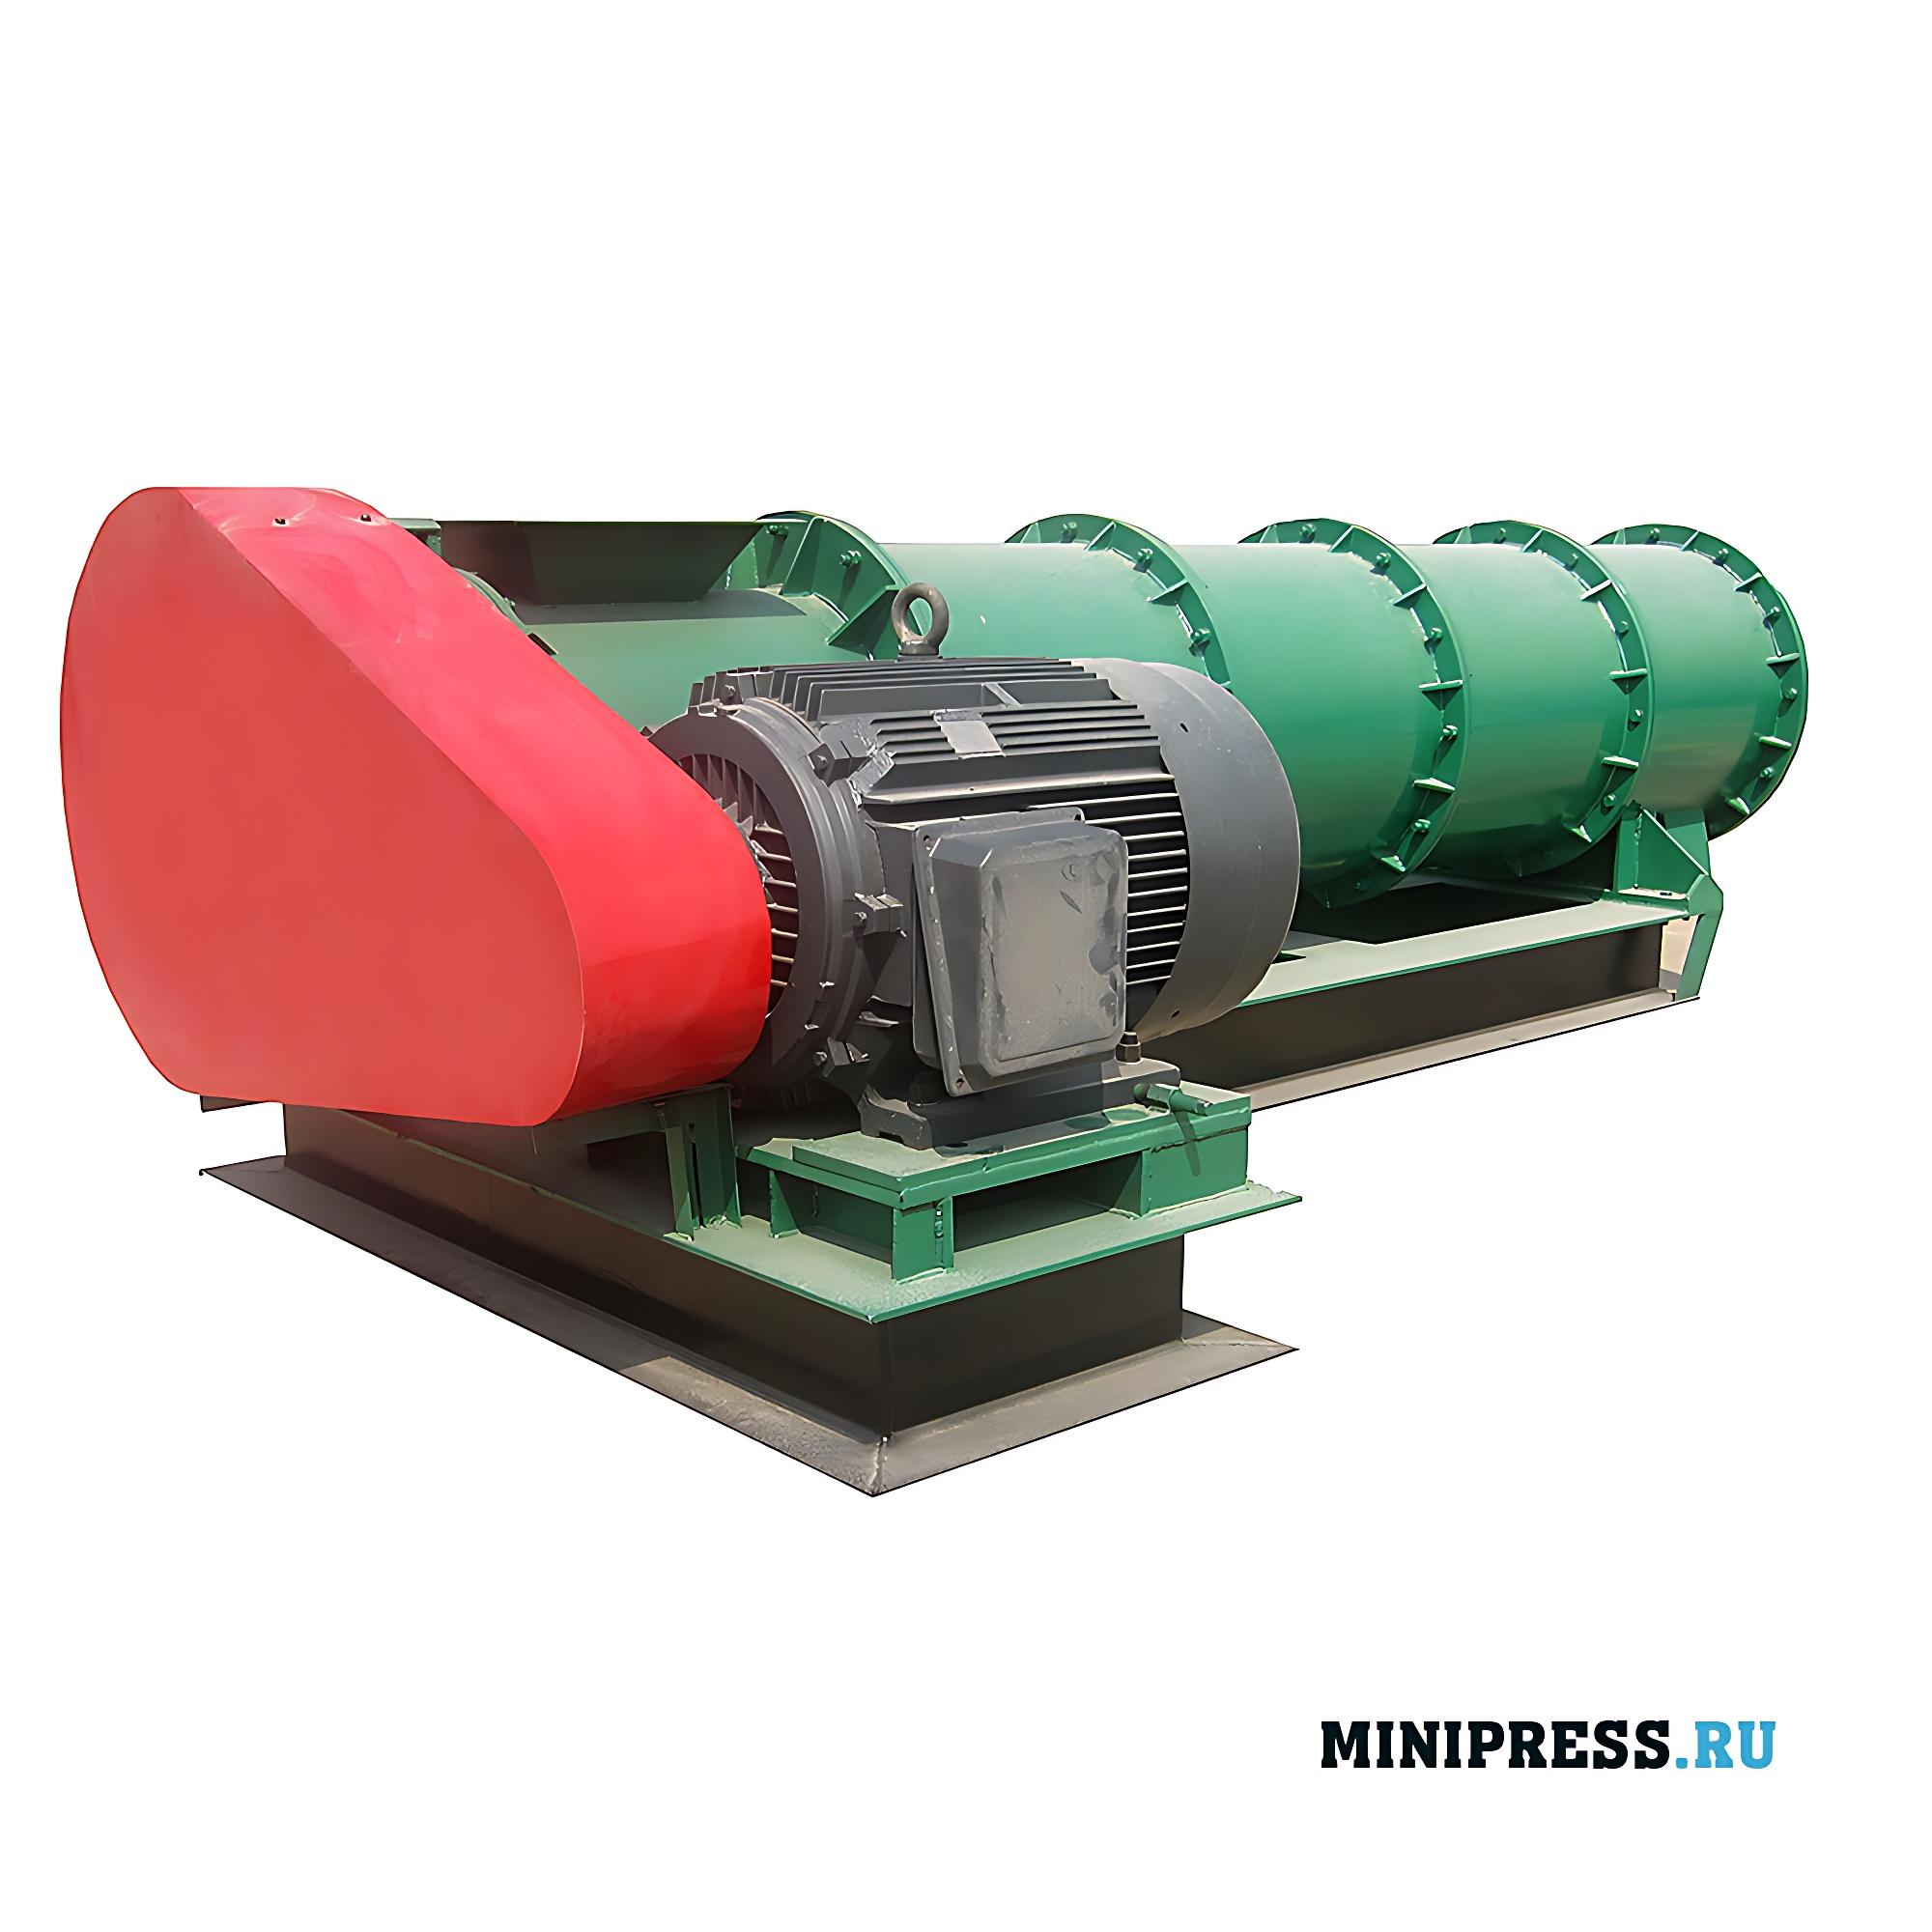 Горизонтальный центробежный гранулятор с новой концепцией